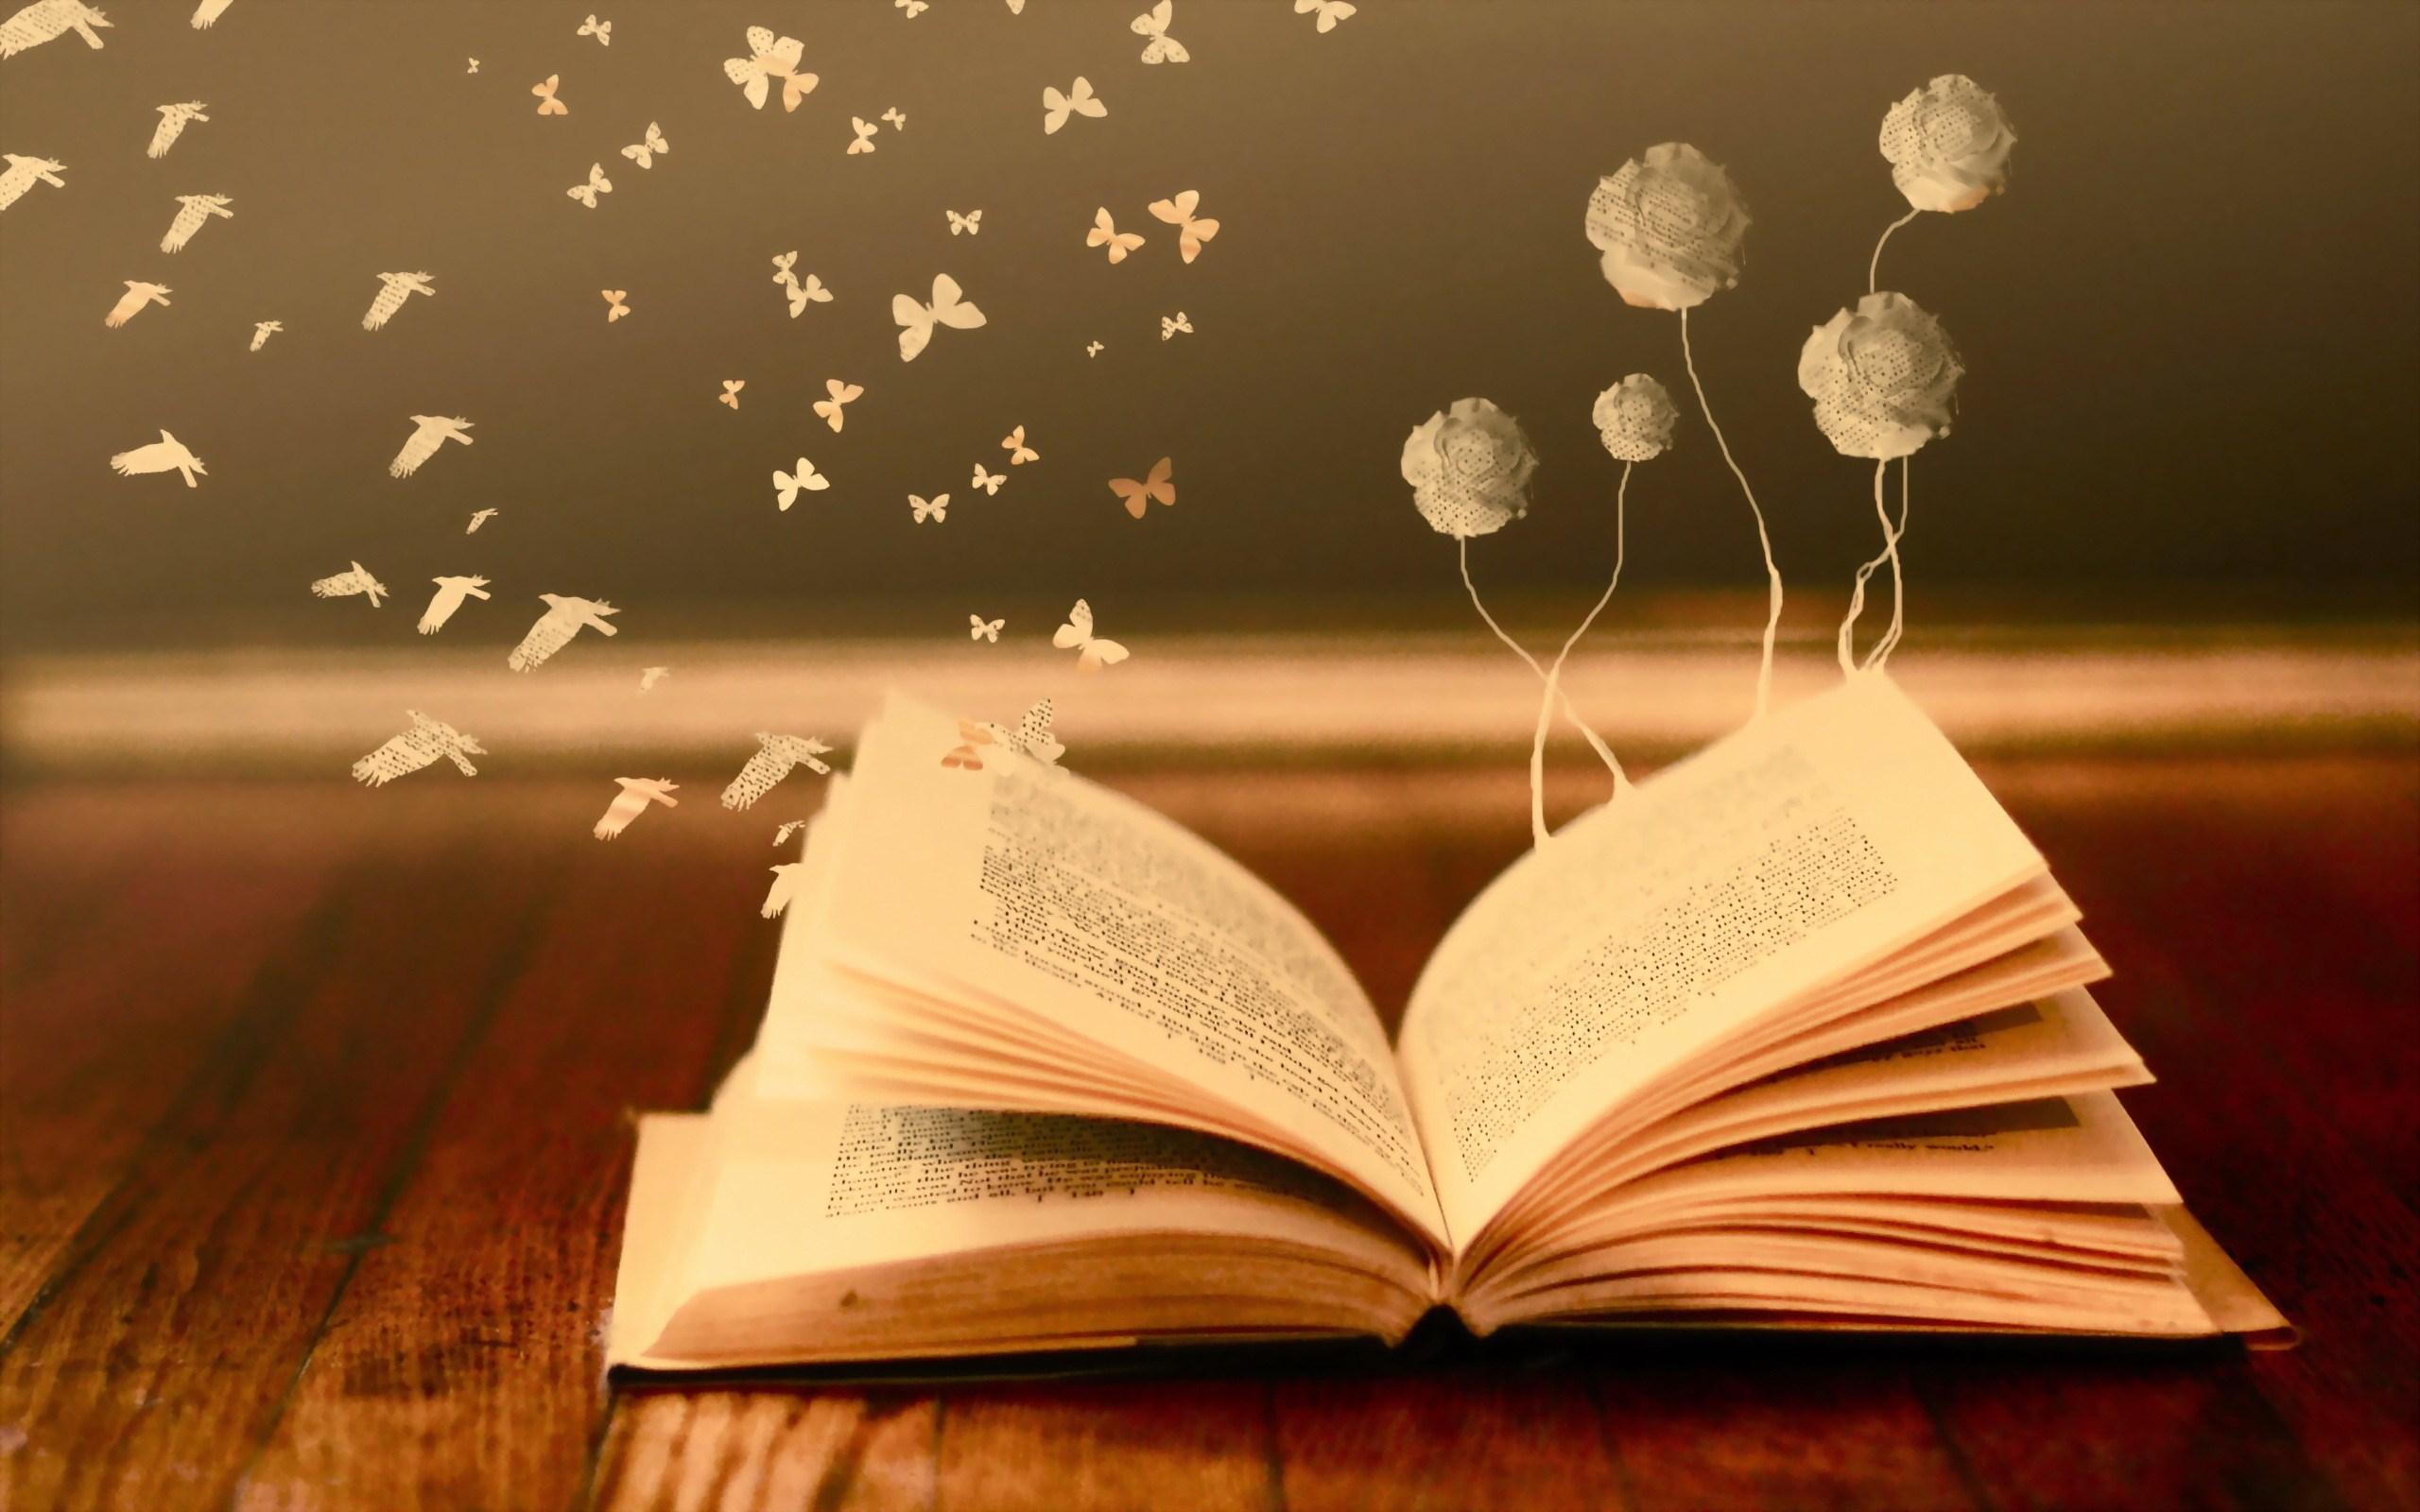 ... Books Wallpaper; Books Wallpaper